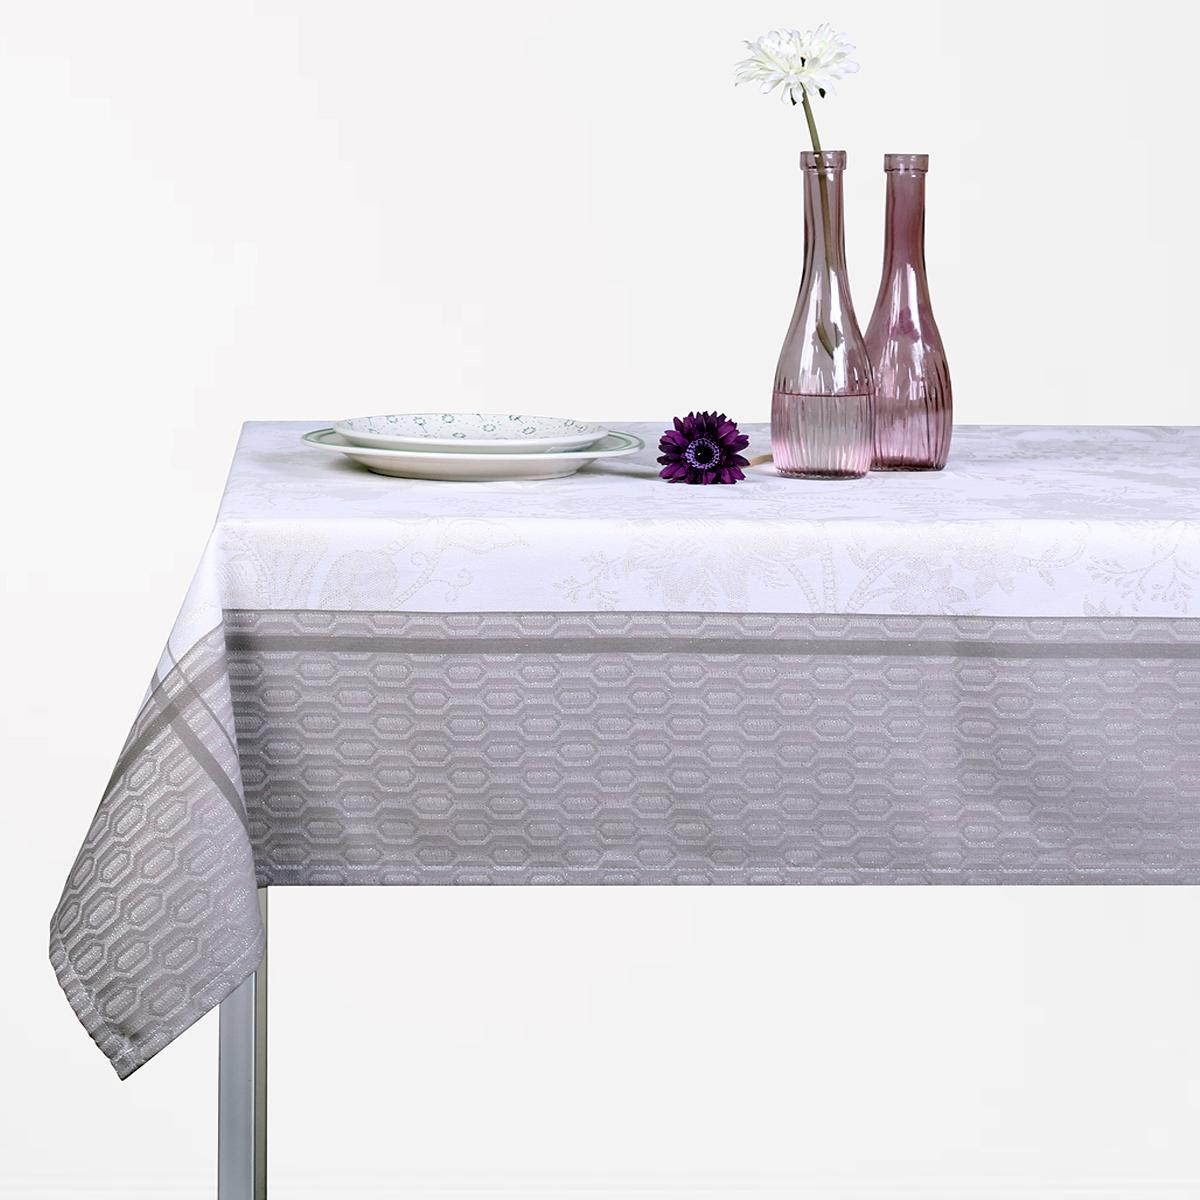 Купить Скатерти и салфетки Arya, Скатерть Kevin (160х320 см), Турция, Жаккард